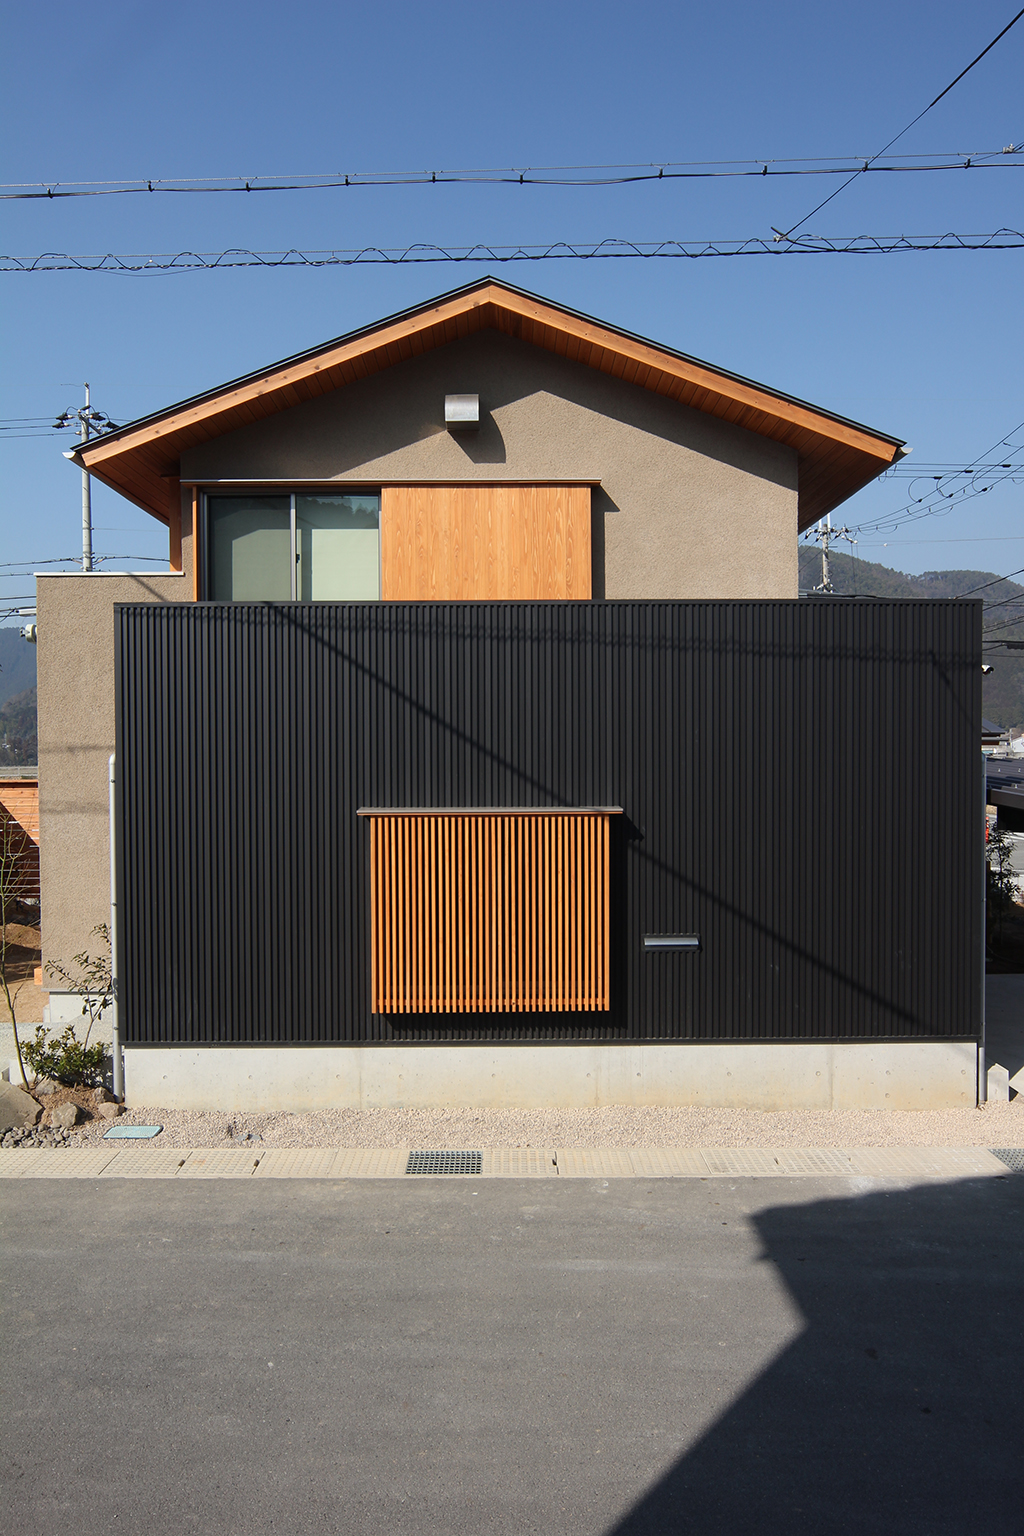 宍粟市の木の家 そとん壁の外観